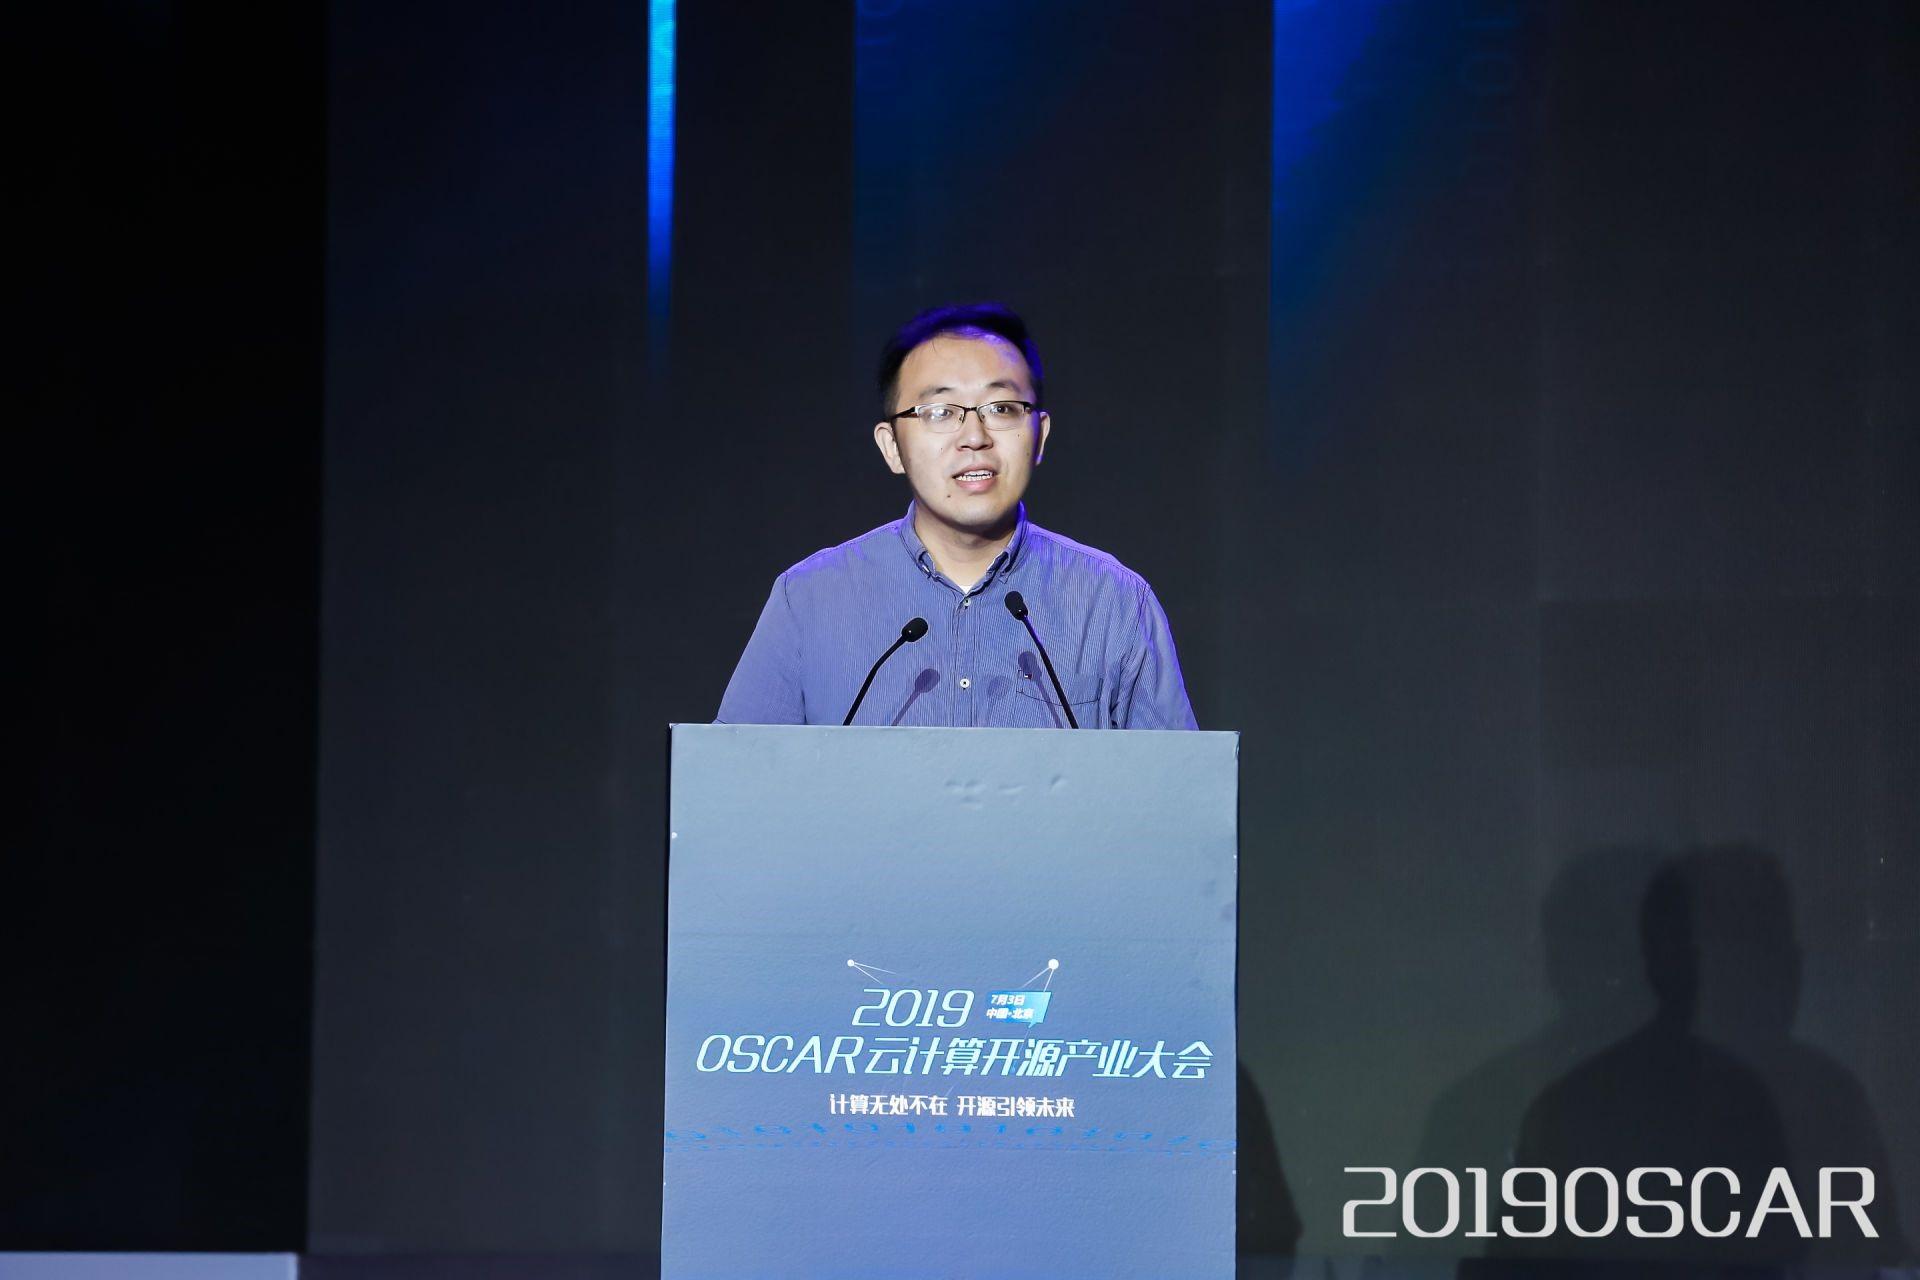 2019OSCAR云计算开源产业大会_工业和信息化部信息化和软件服务业司信息服务业处副处长李琰